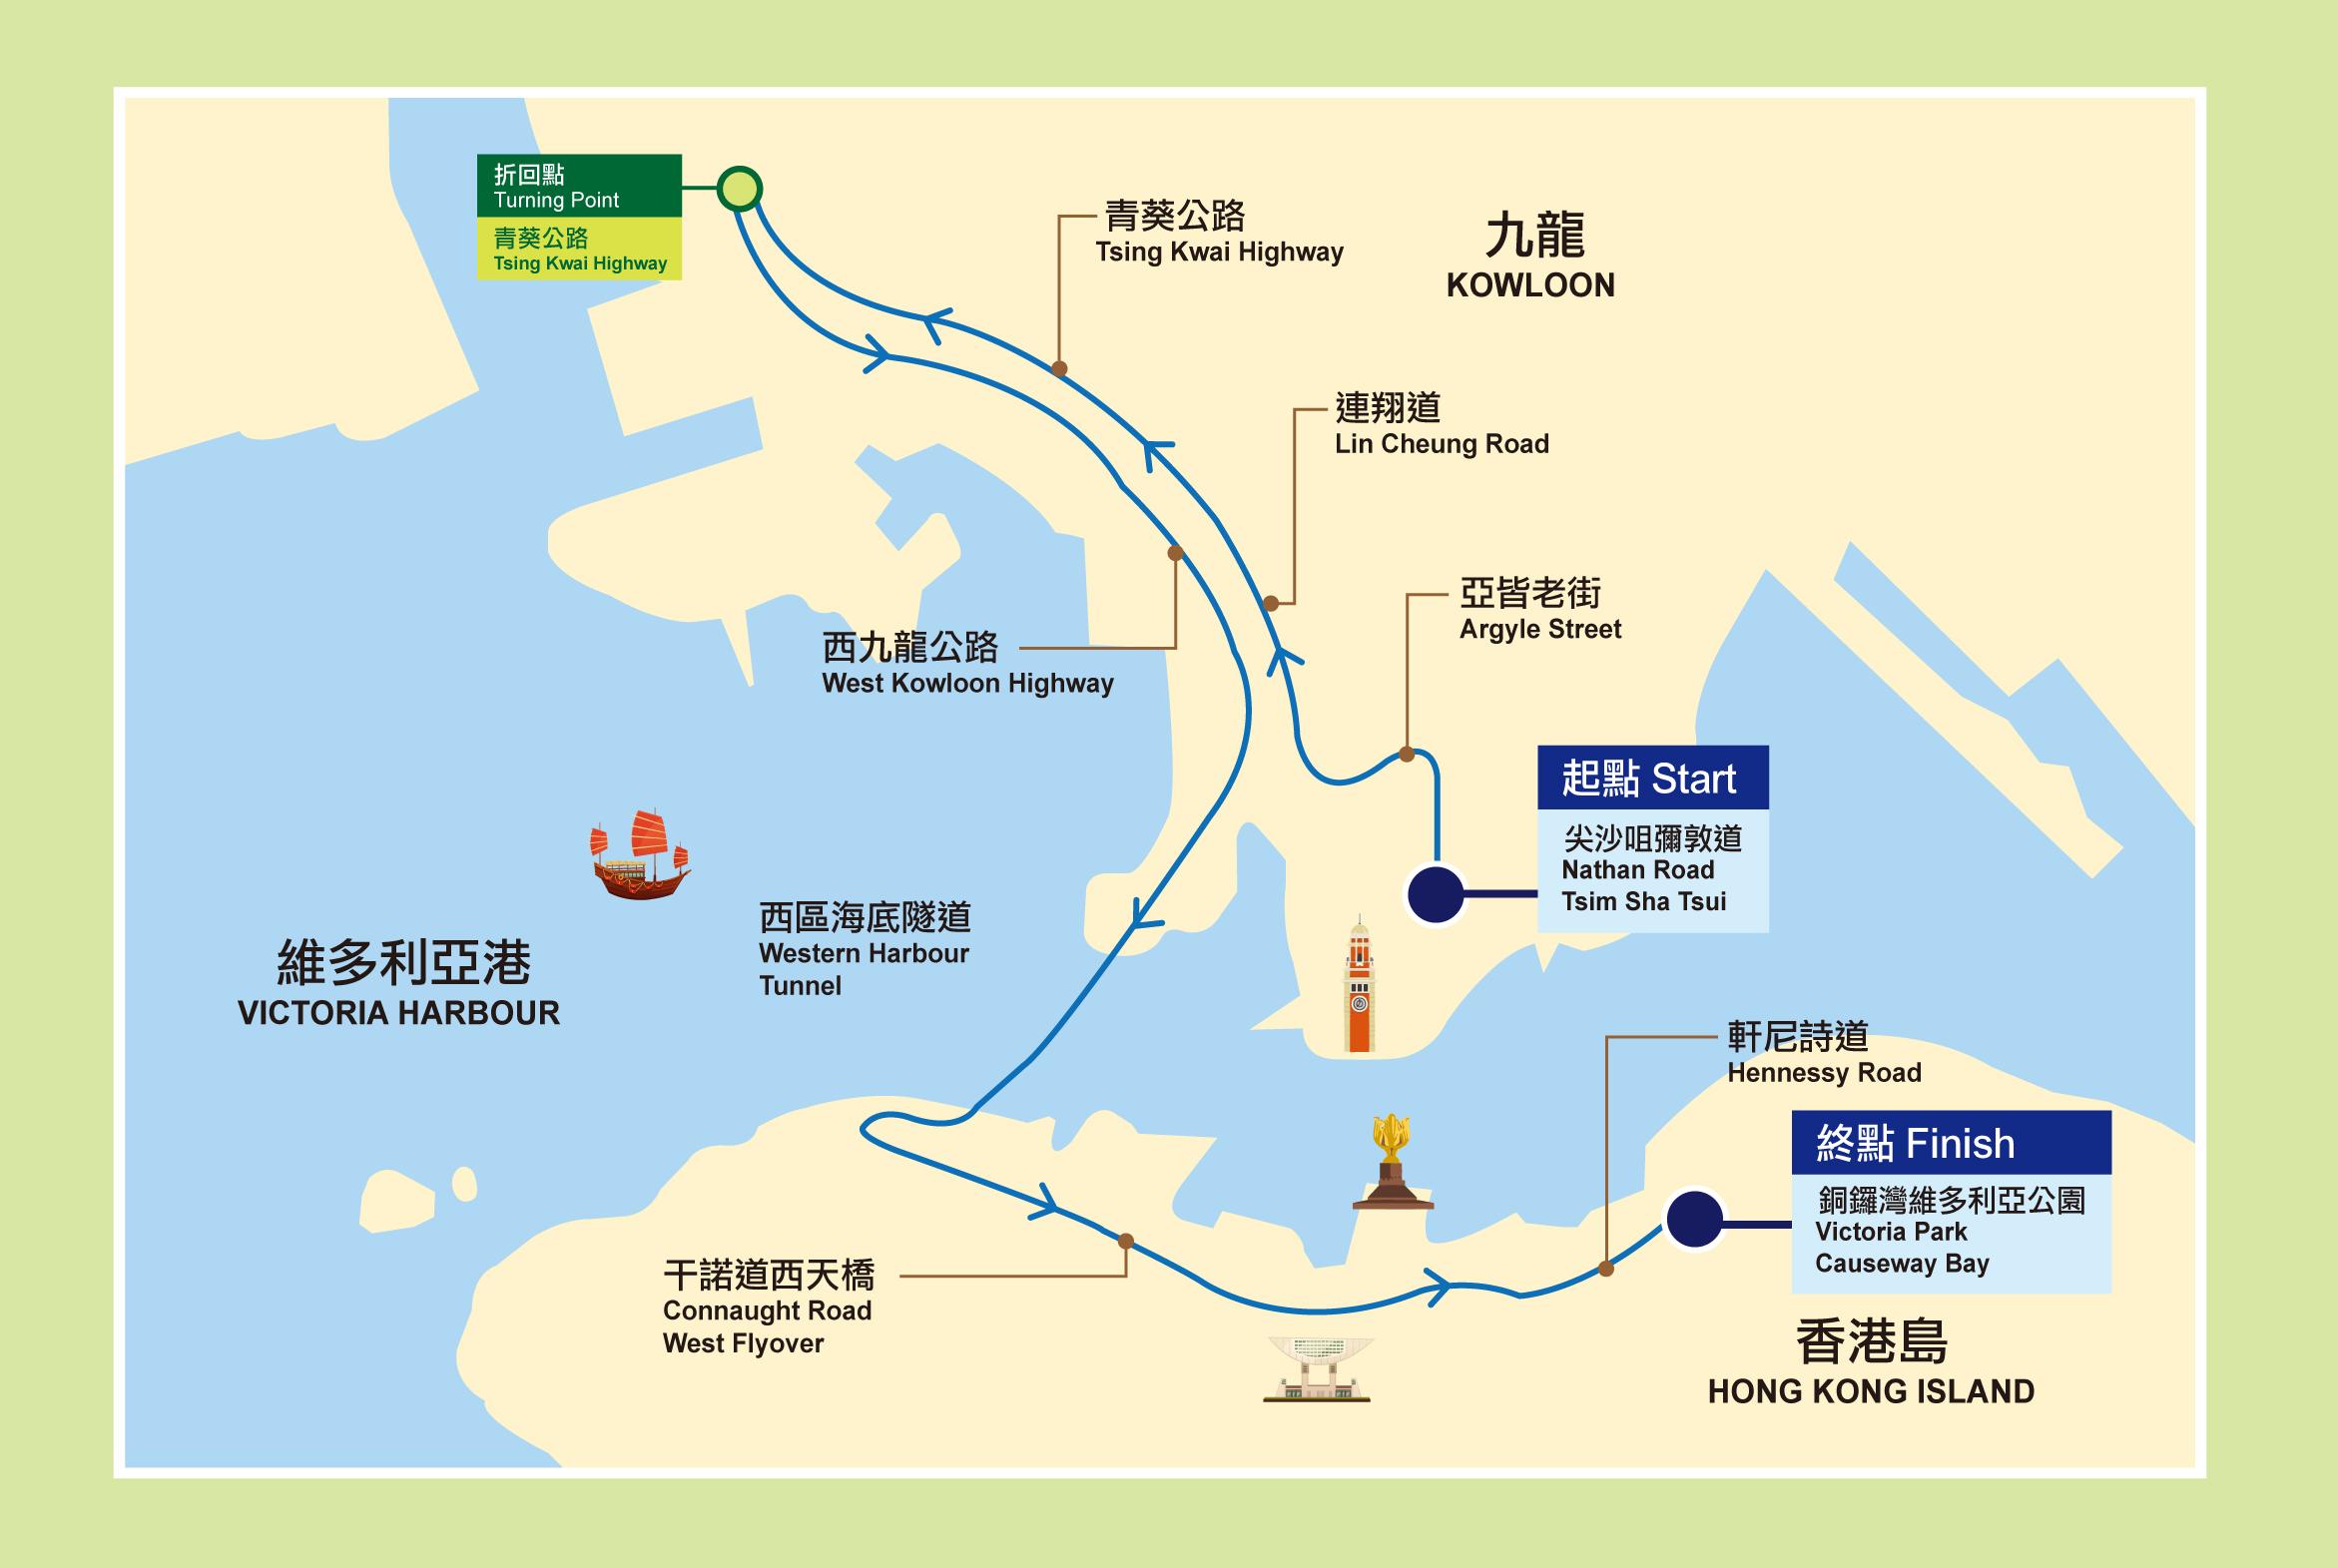 2021渣馬半馬賽道路線圖:起點-九龍尖沙咀彌敦道